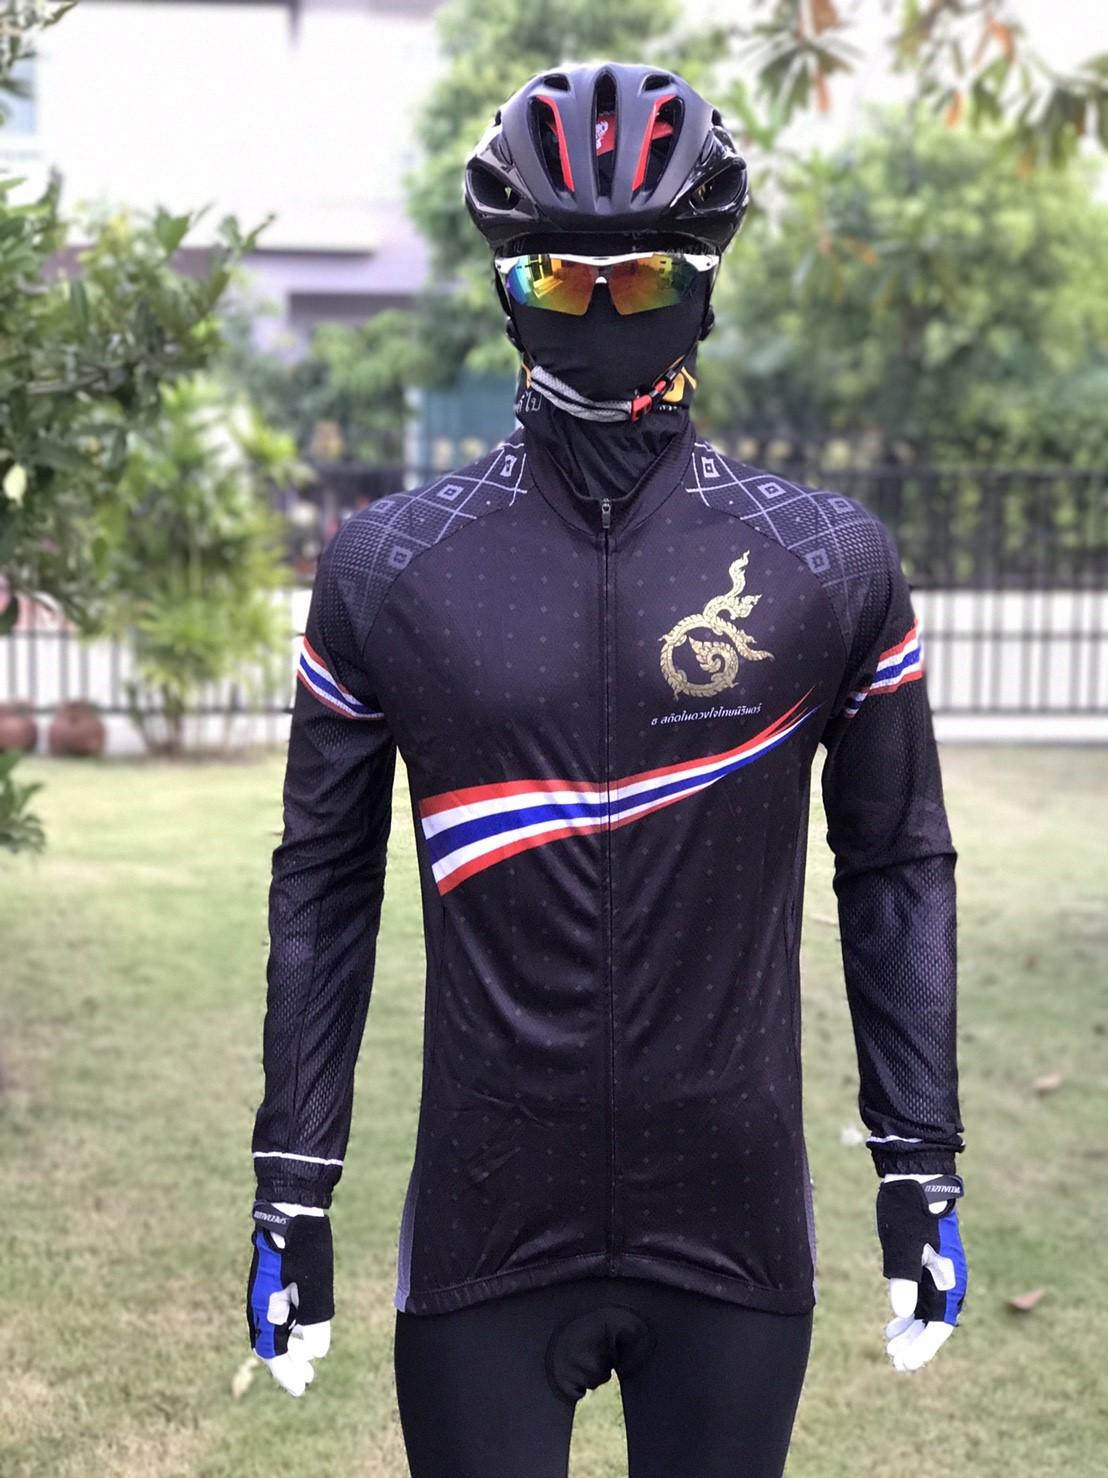 E2 เสื้อปั่นจักรยาน แขนยาว ไว้อาลัย สีดำ ลายธงชาติคาดอก